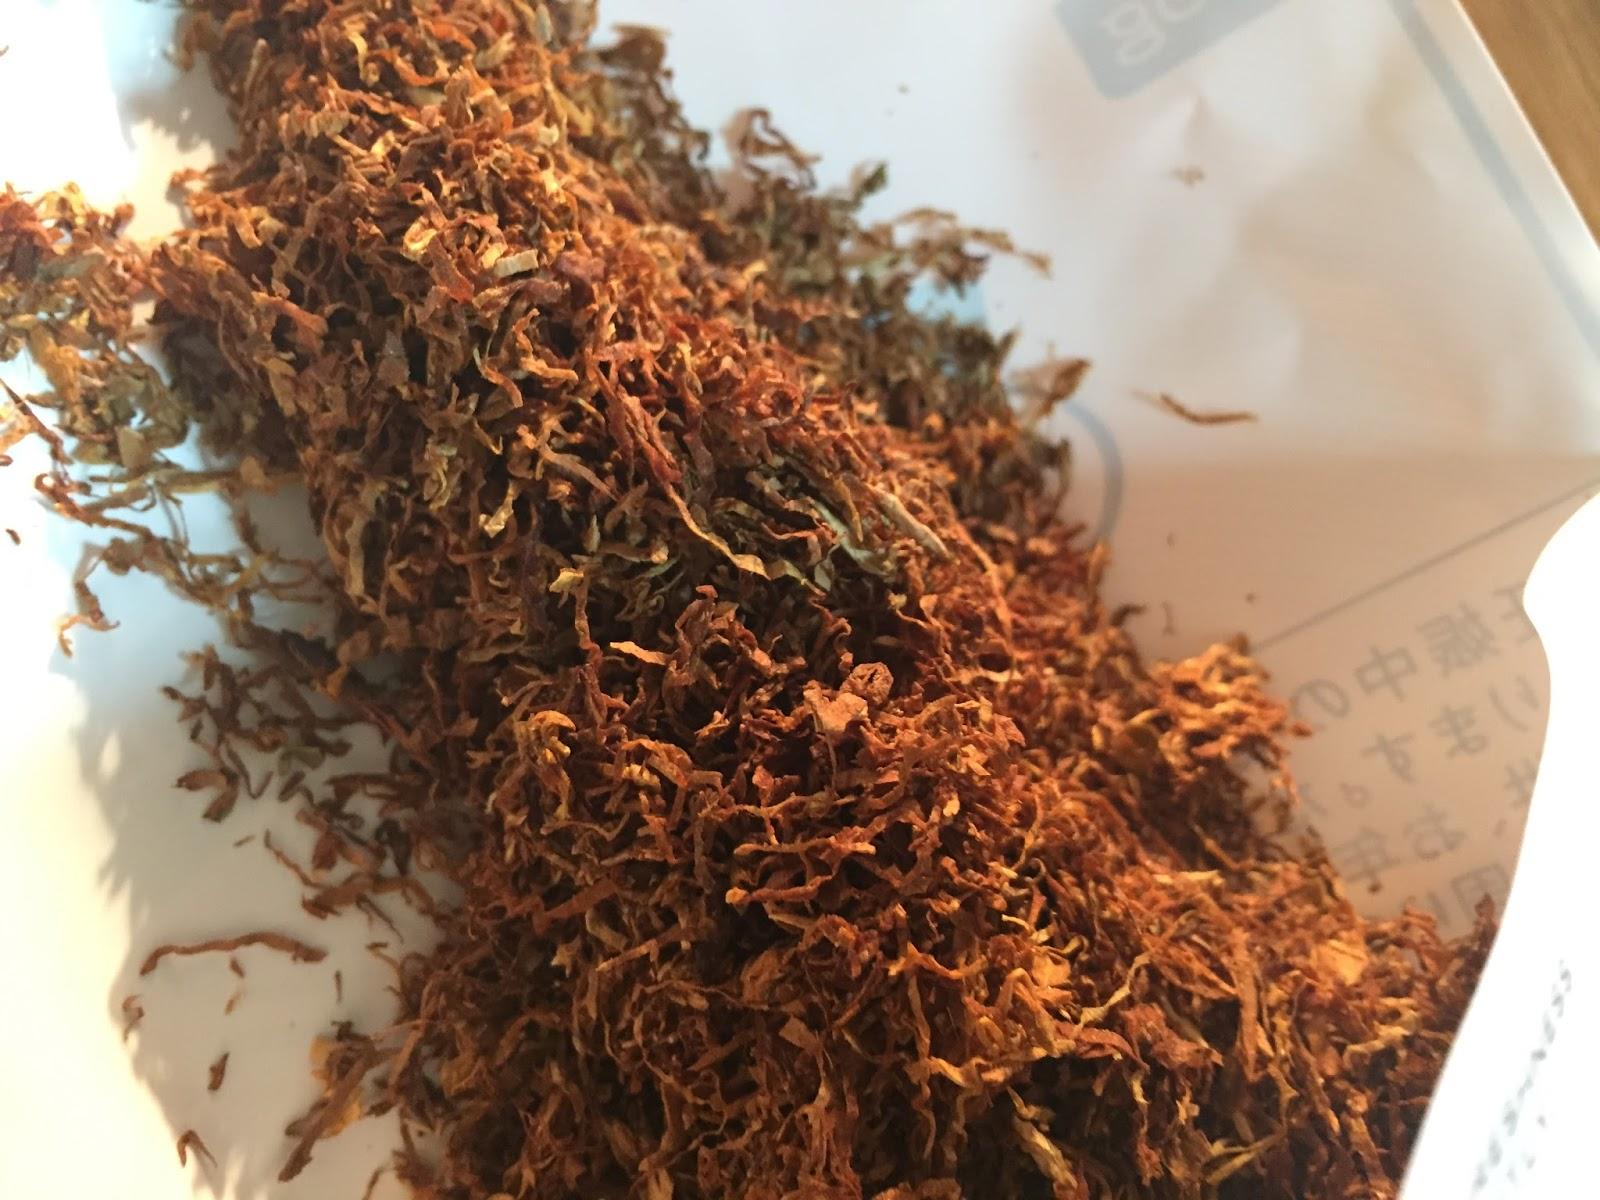 Smoking boogie amber leaf blonde for Amber leaf